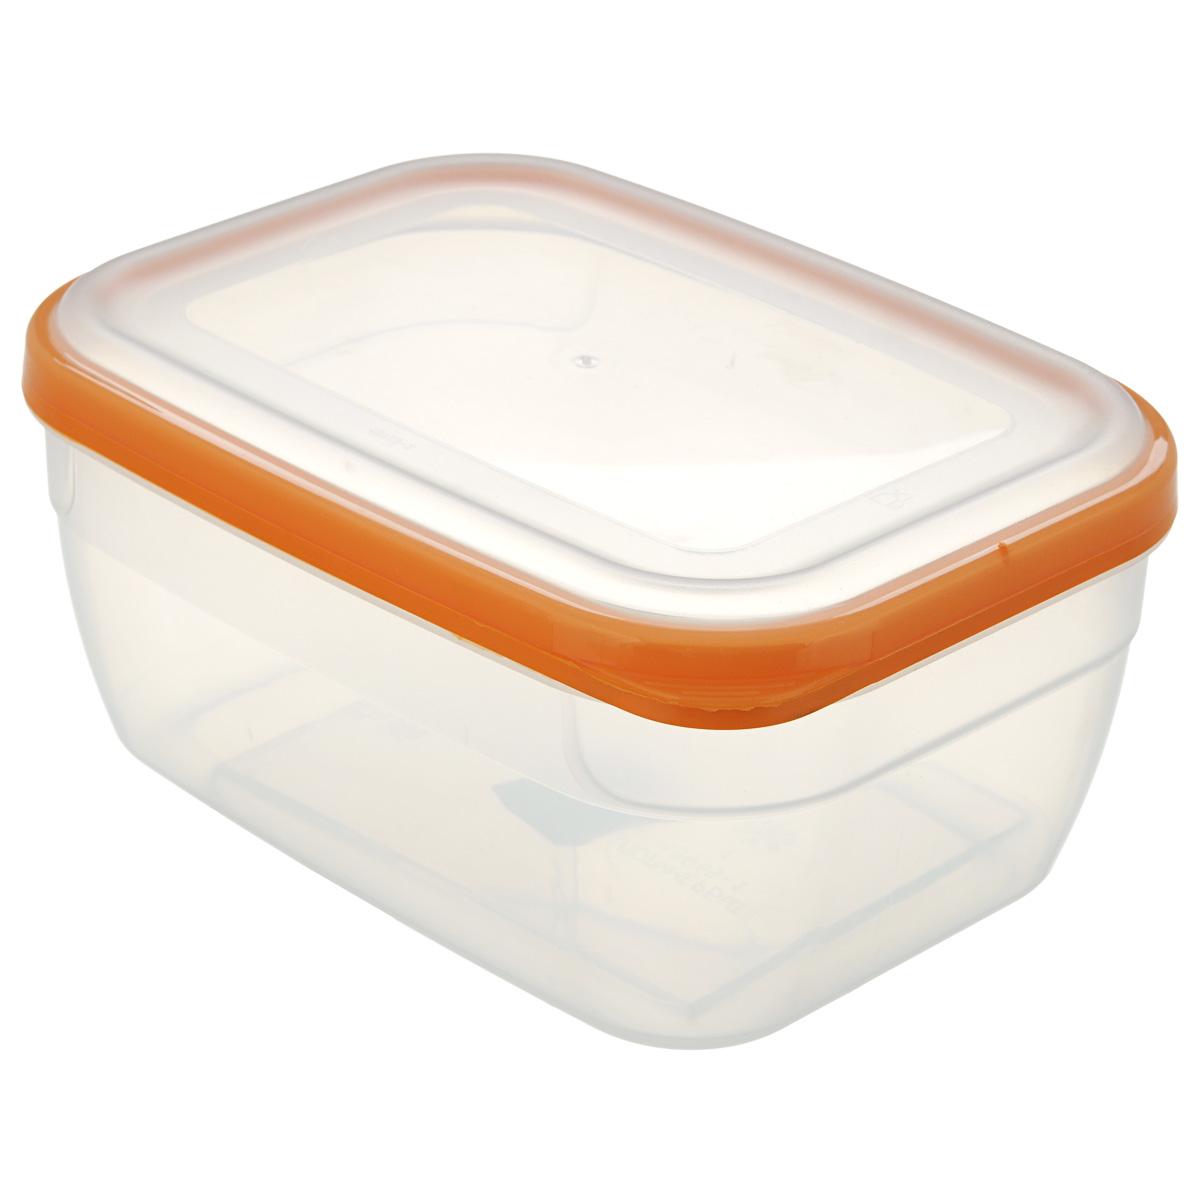 Контейнер для СВЧ Премиум, цвет: оранжевый, 1,8 лС564Пищевой контейнер предназначен специально для хранения пищевых продуктов. Крышка легко открывается и плотно закрывается. Устойчив к воздействию масел и жиров, легко моется. Прозрачные стенки позволяют видеть содержимое. Емкость имеет возможность хранения продуктов глубокой заморозки, обладает высокой прочностью. Контейнер необыкновенно удобен: в нем можно брать еду на работу, за город, ребенку в школу. Именно поэтому подобные контейнеры обретают все большую популярность.Размер: 20 см х 14,5 см х 9 см.